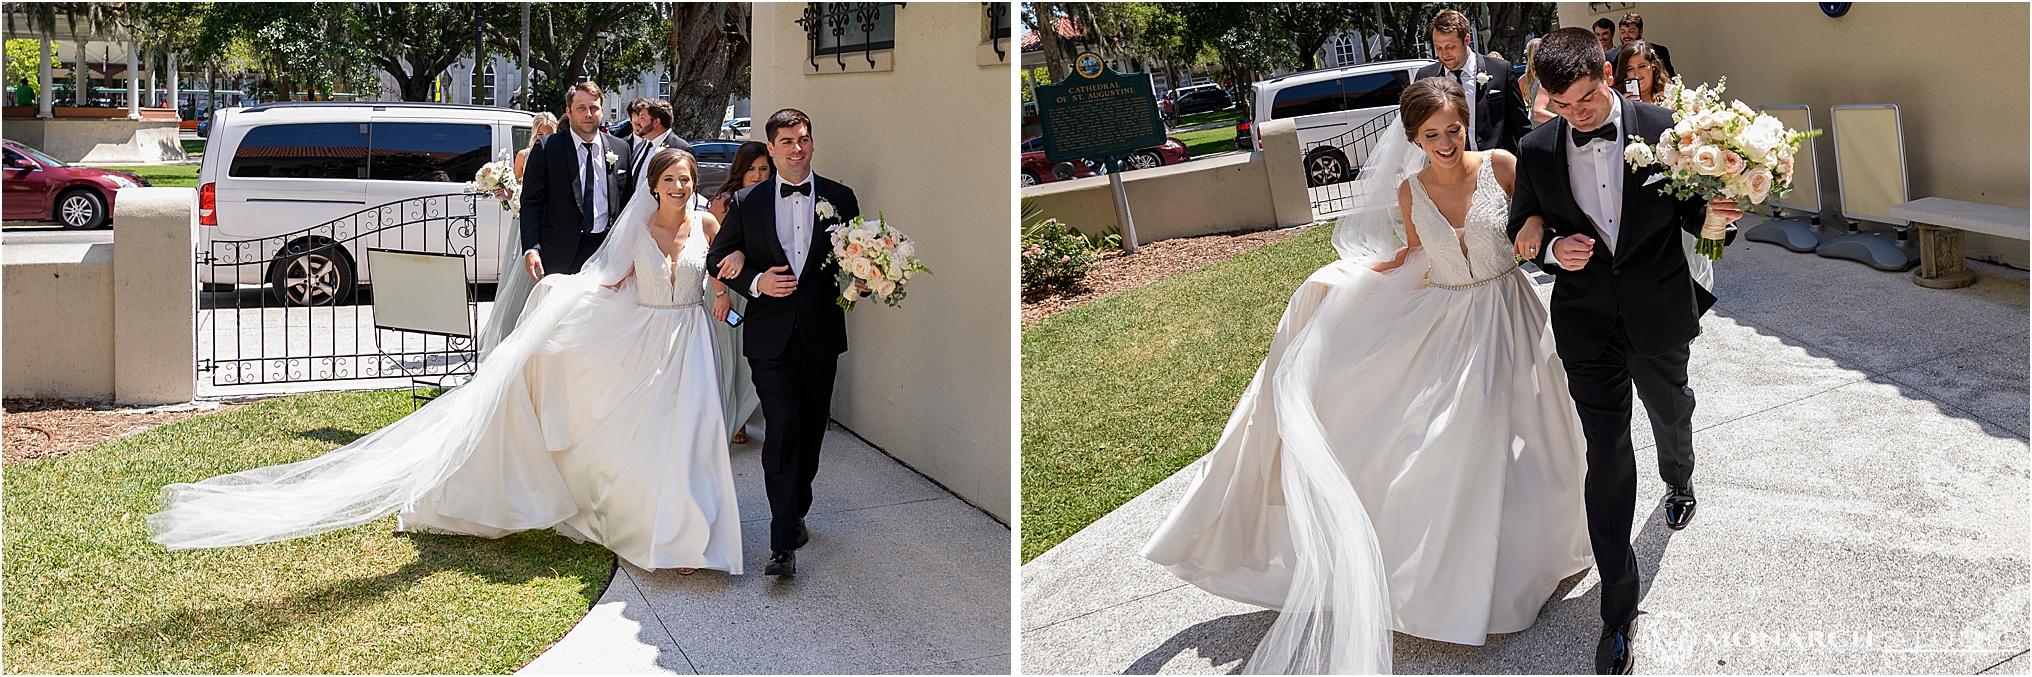 Wedding-PHotographer-in-st-augustine-2019-050.jpg